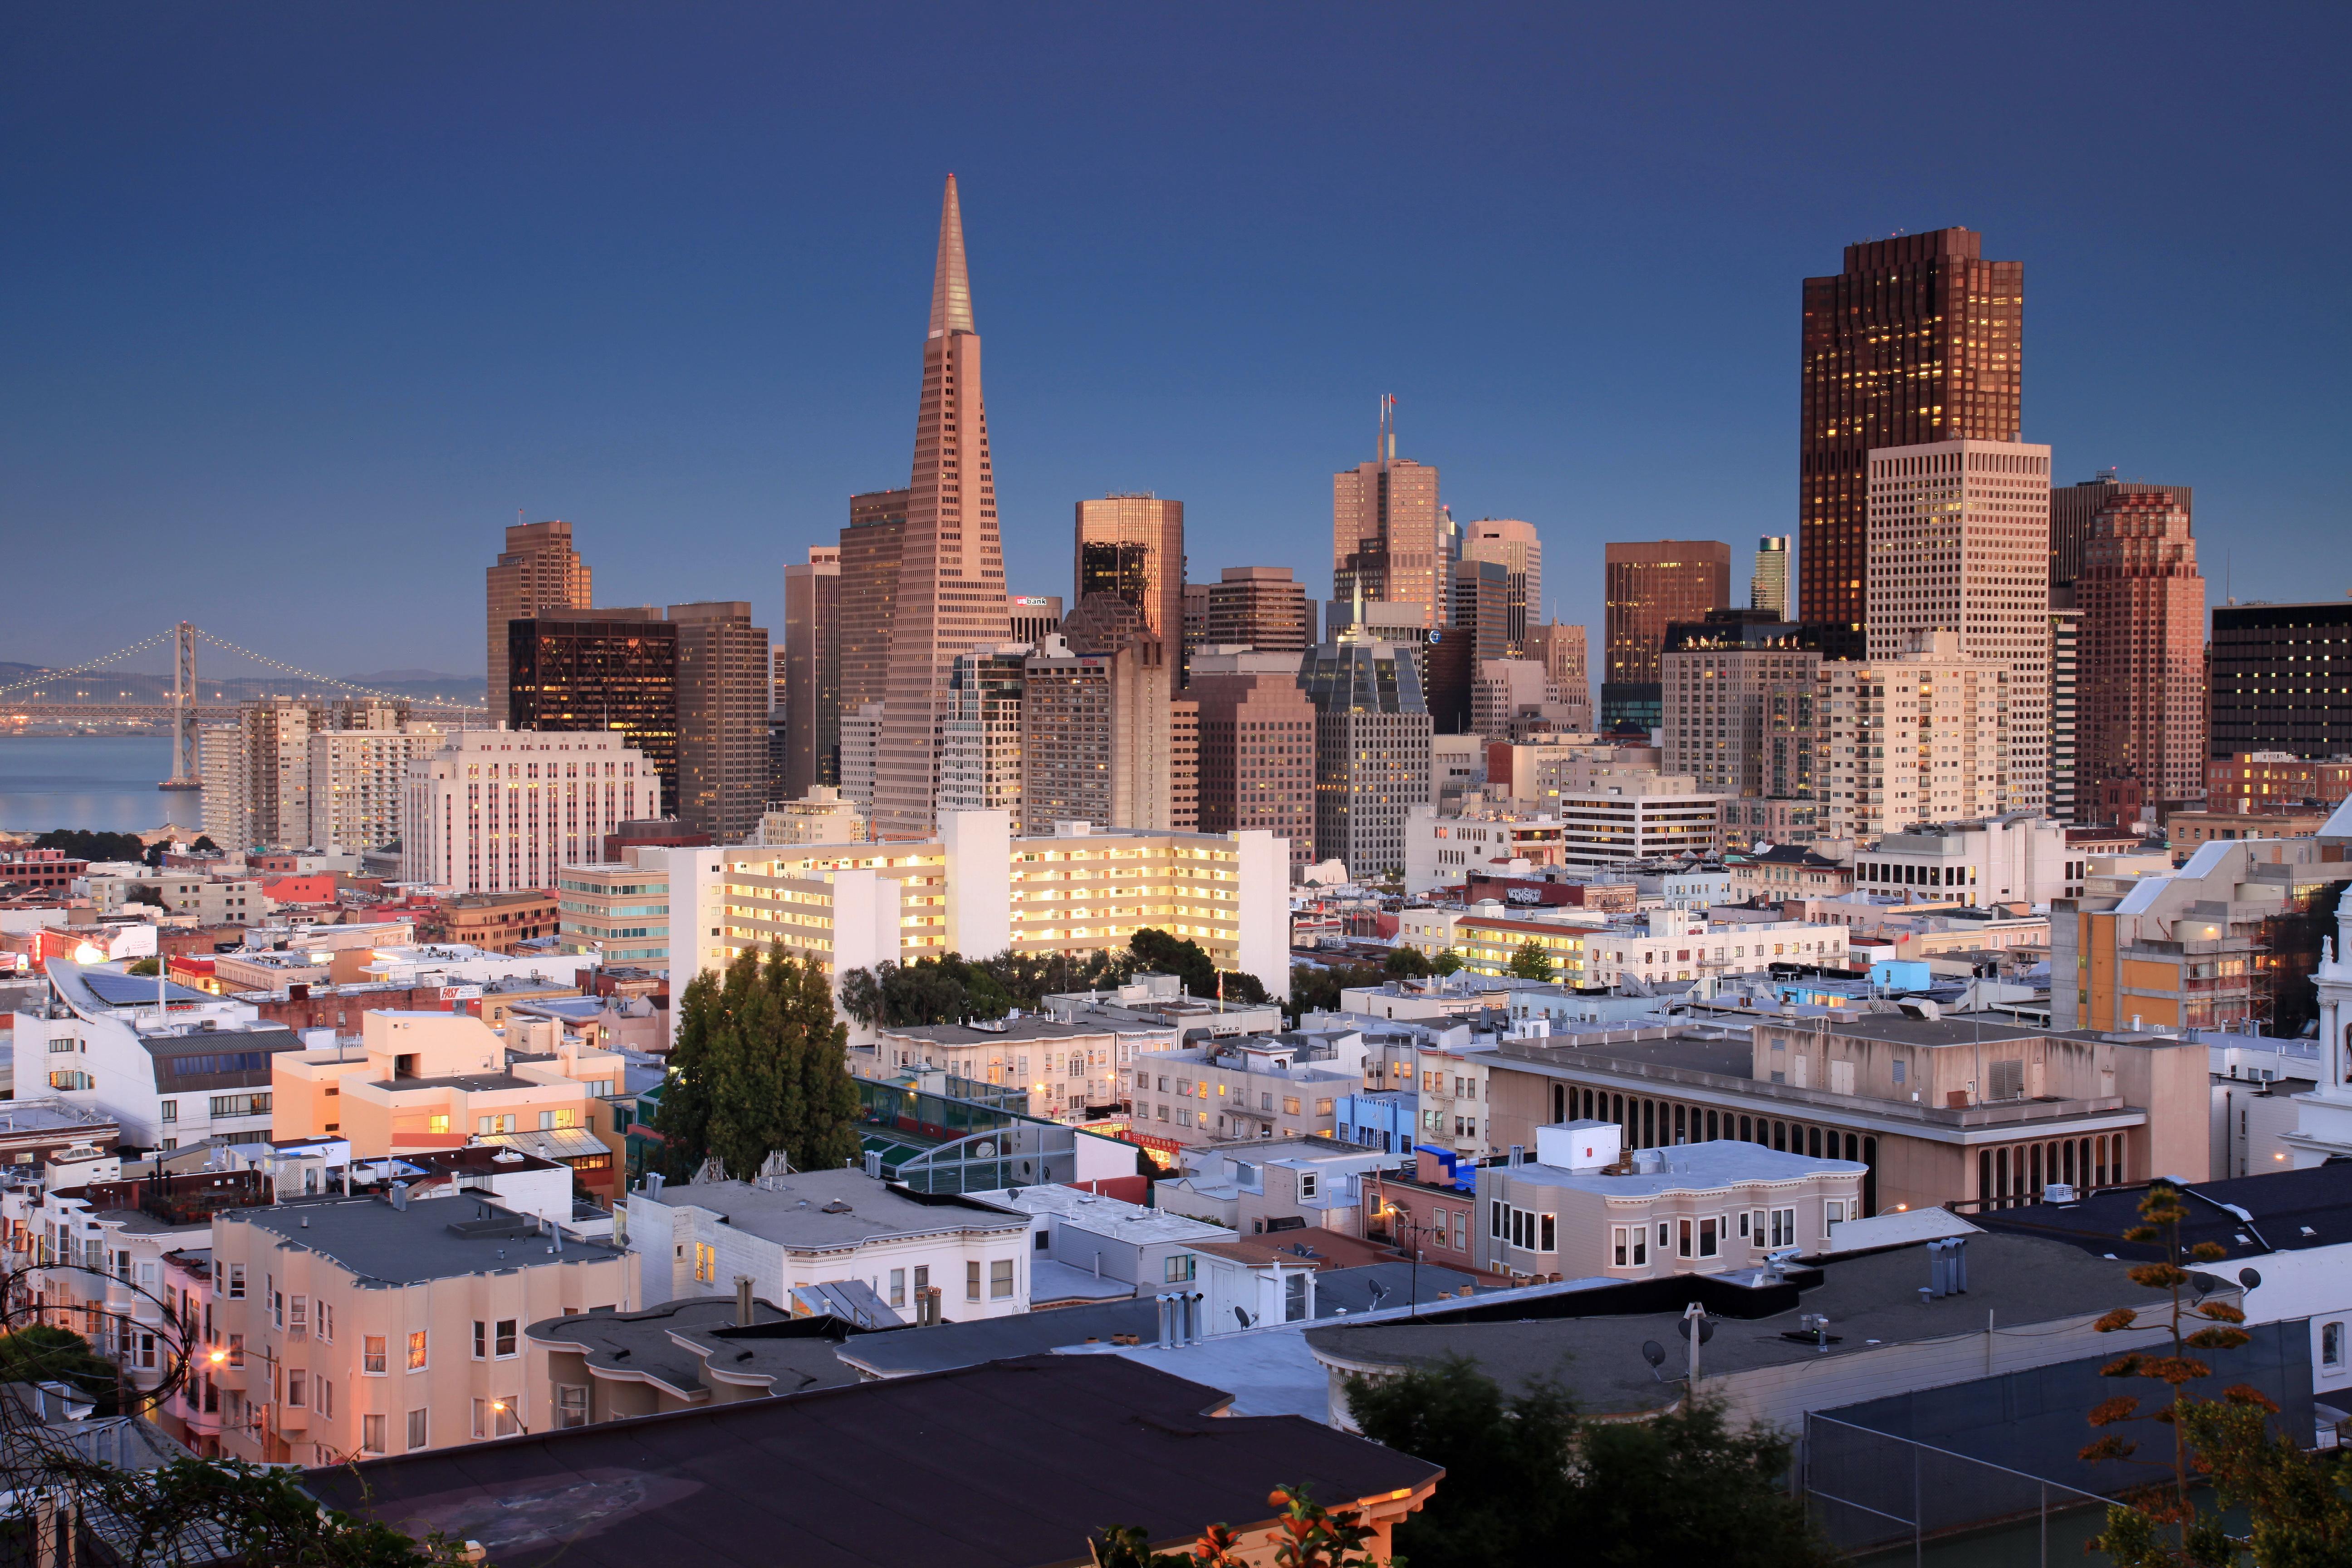 Top Wallpaper Macbook San Francisco - 63c33f292f37c58ebad08f787d5f7f50  You Should Have_464516.jpg